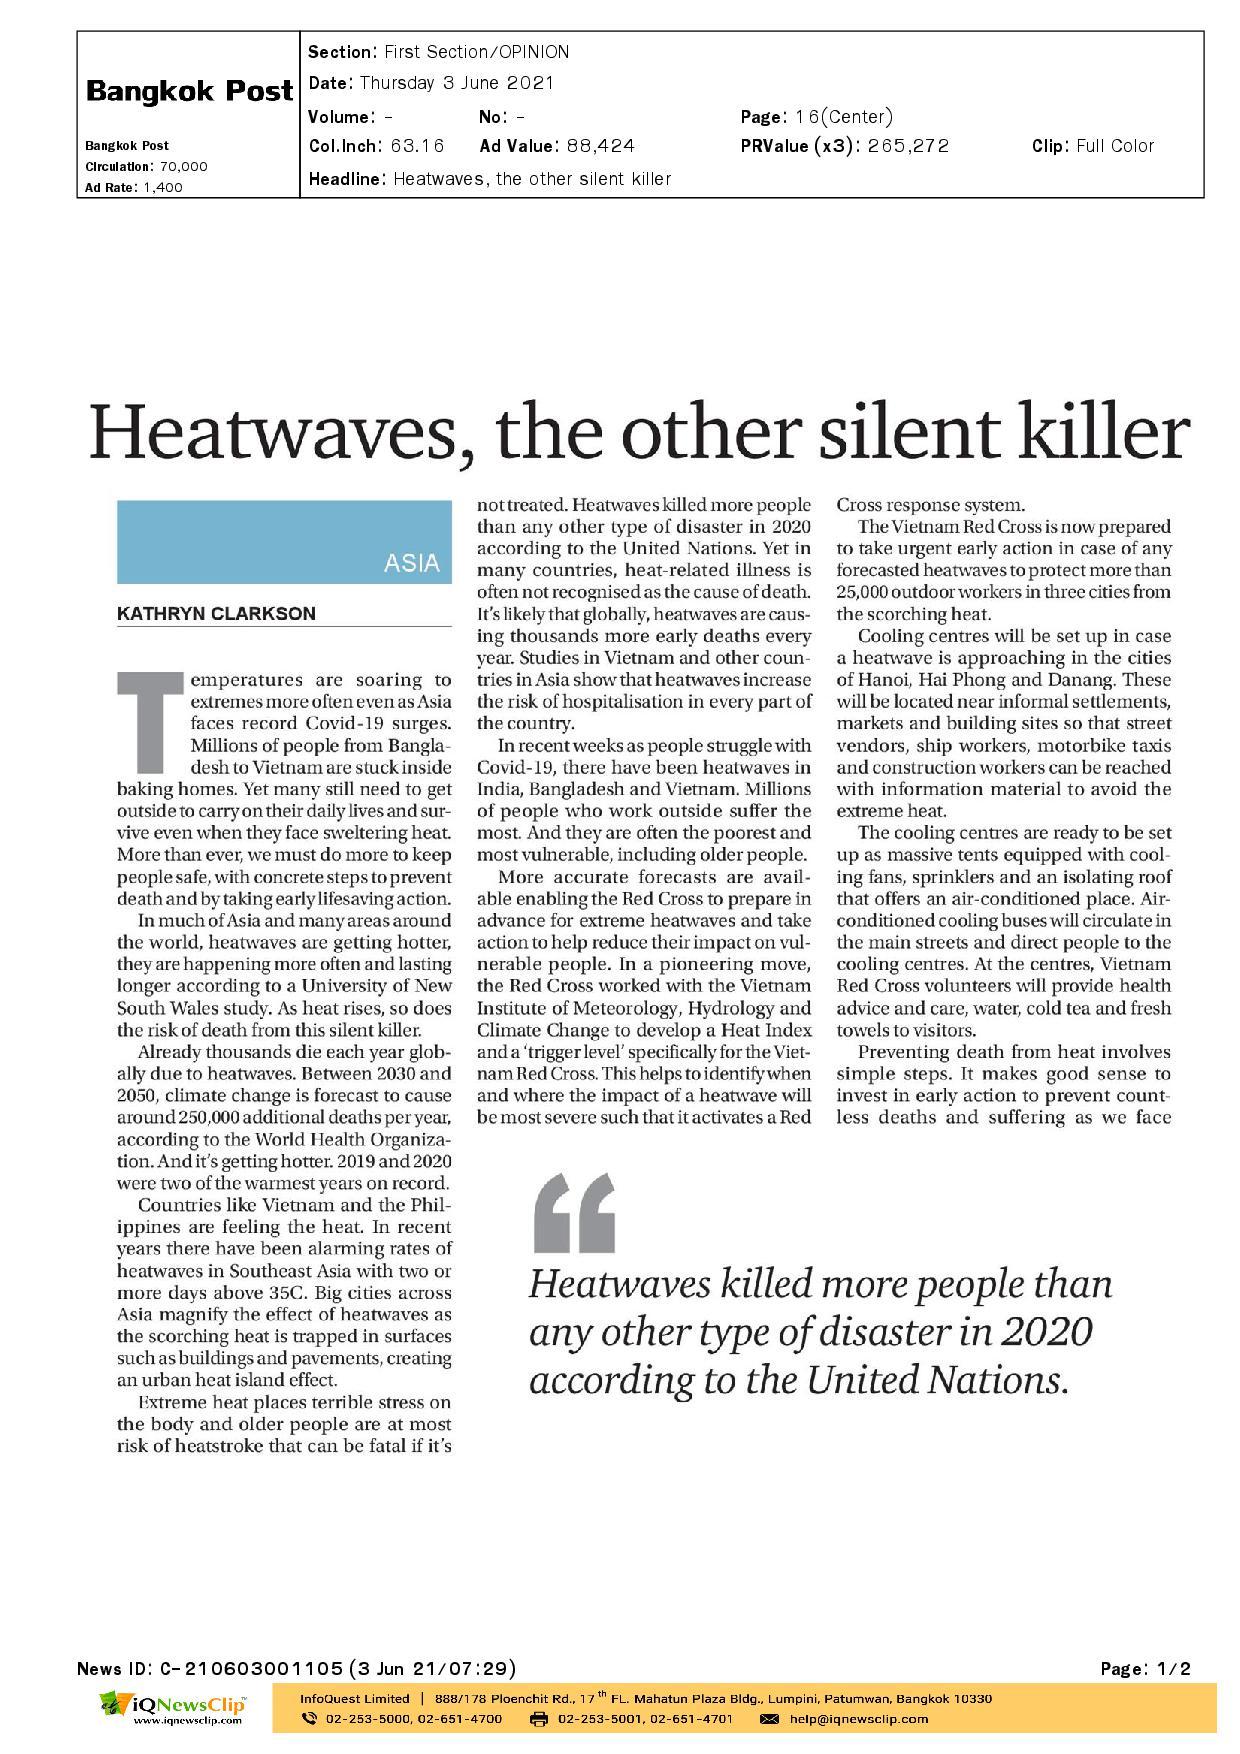 Heatwaves, the other silent killer